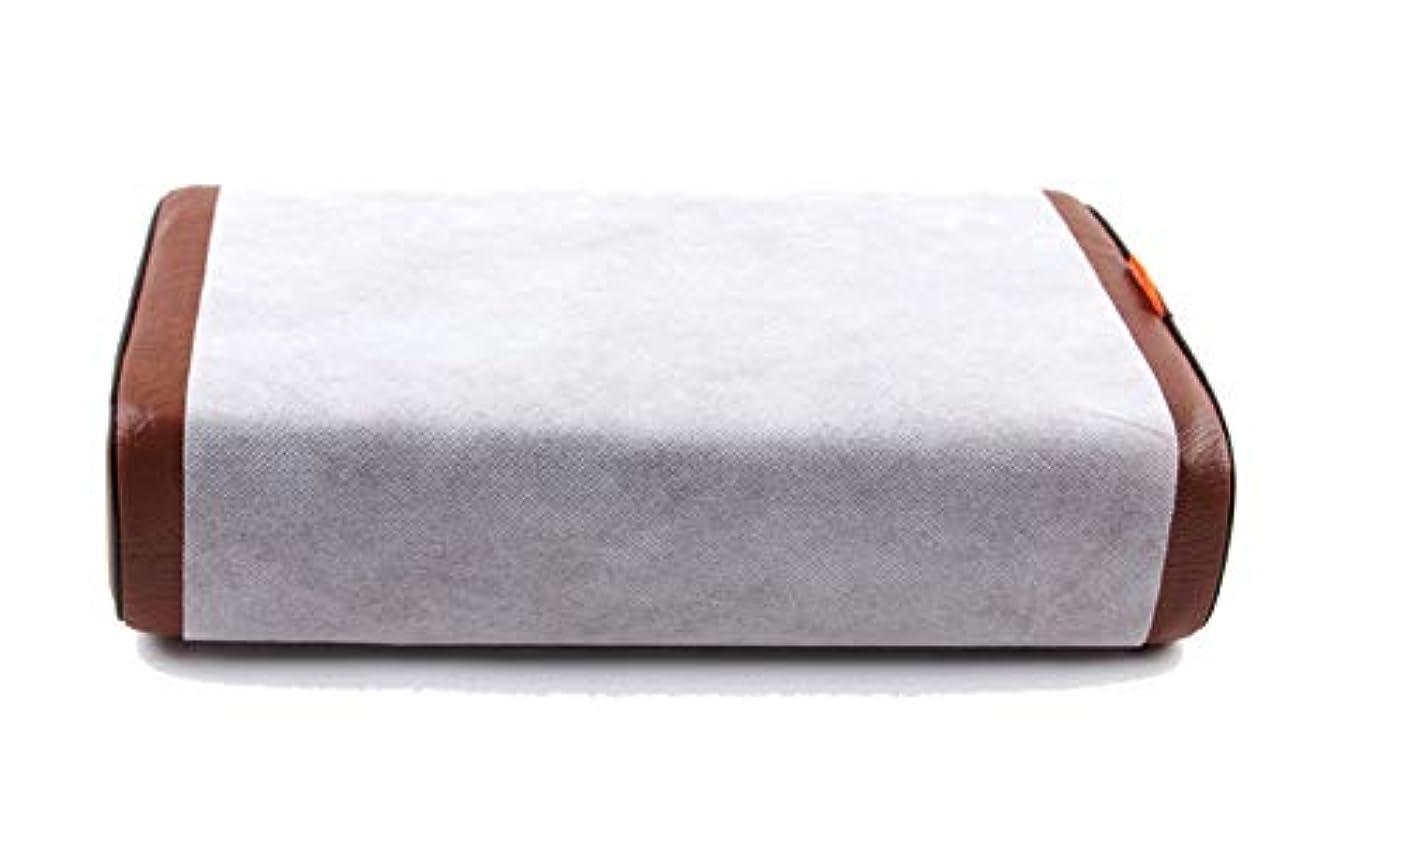 記念診療所ワーディアンケース200pcs ディスポーザブルマッサージピローカバー 枕カバー 使い捨てマッサージ枕カバーペーパープロテクターオーバーレイパッドスパ病院